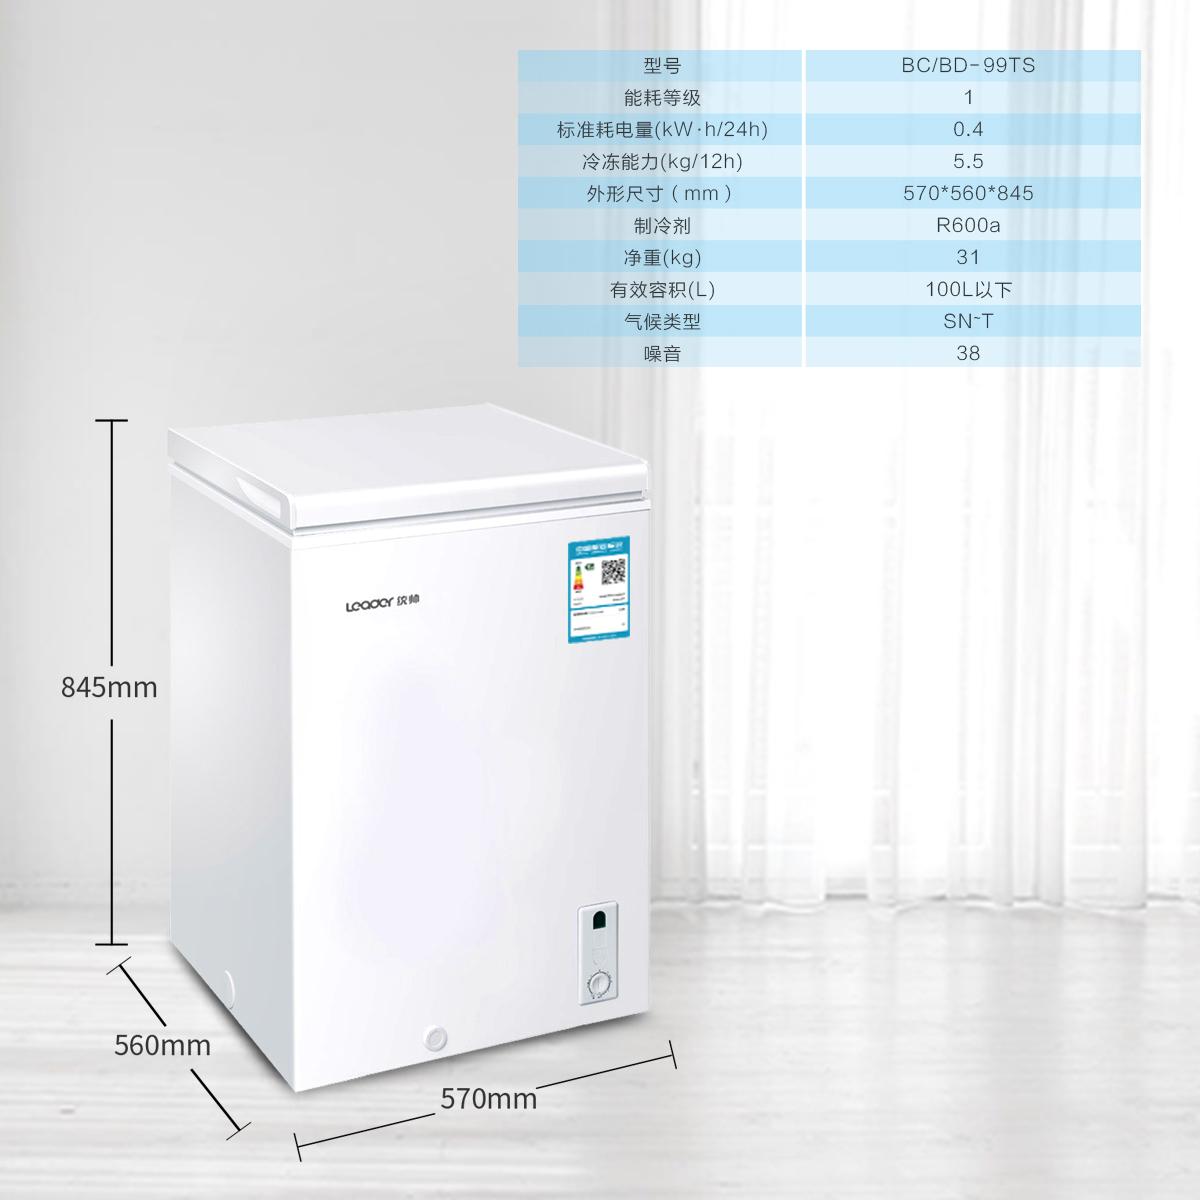 单温卧式冷藏冷冻节能冷柜家用保鲜柜 99TS BD BC 统帅 Leader 海尔